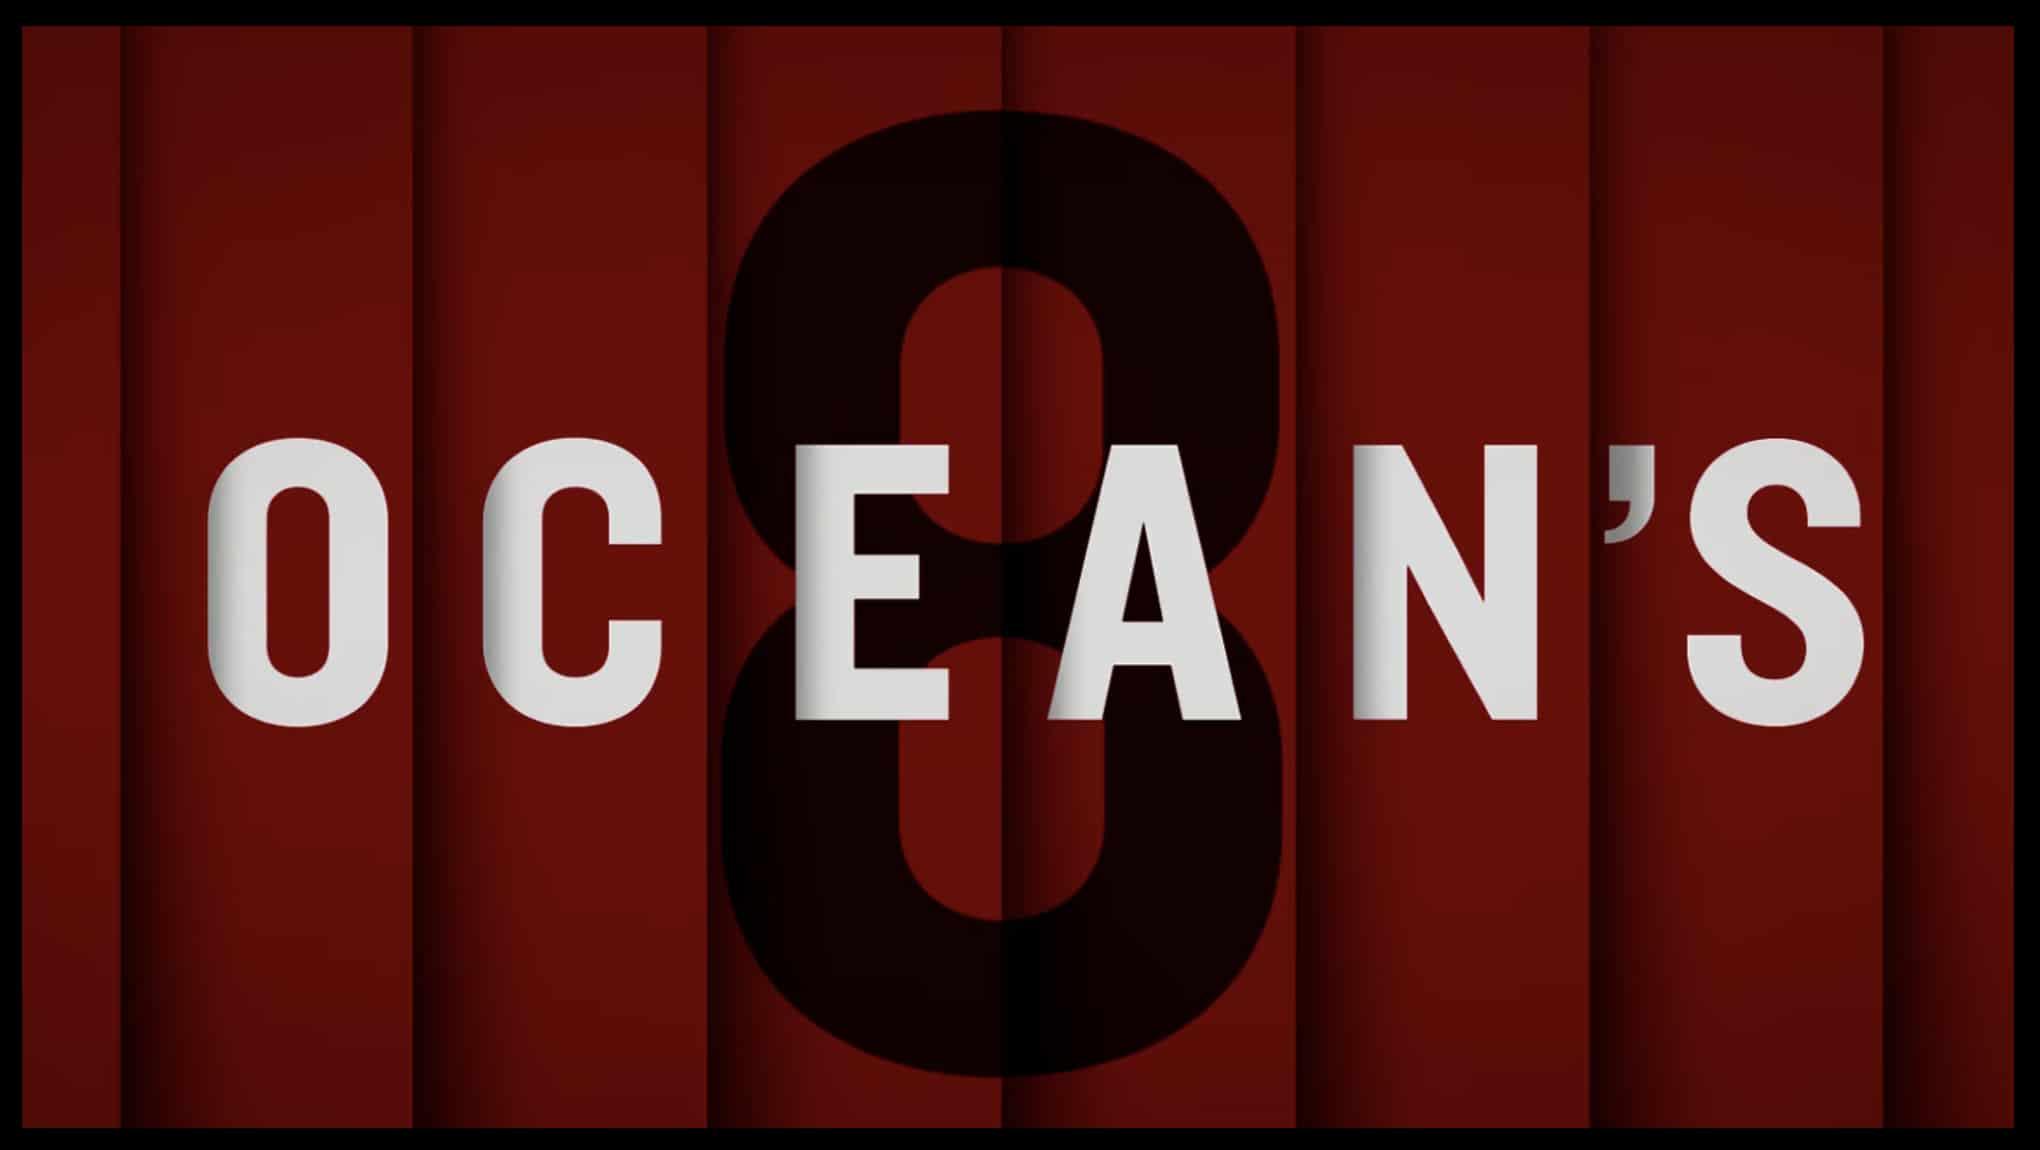 oceans 8,cheyan antwaune gray, cheyan gray, antwaune gray, thelifestyleelite,elite lifestyle, thelifestyleelitedotcom, thelifestyleelite.com,tlselite.com,TheLifeStyleElite.com,cheyan antwaune gray,fashion,models of thelifestyleelite.com, the life style elite,the lifestyle elite,elite lifestyle,lifestyleelite.com,cheyan gray,TLSElite,TLSElite.com,TLSEliteGaming,TLSElite Gaming